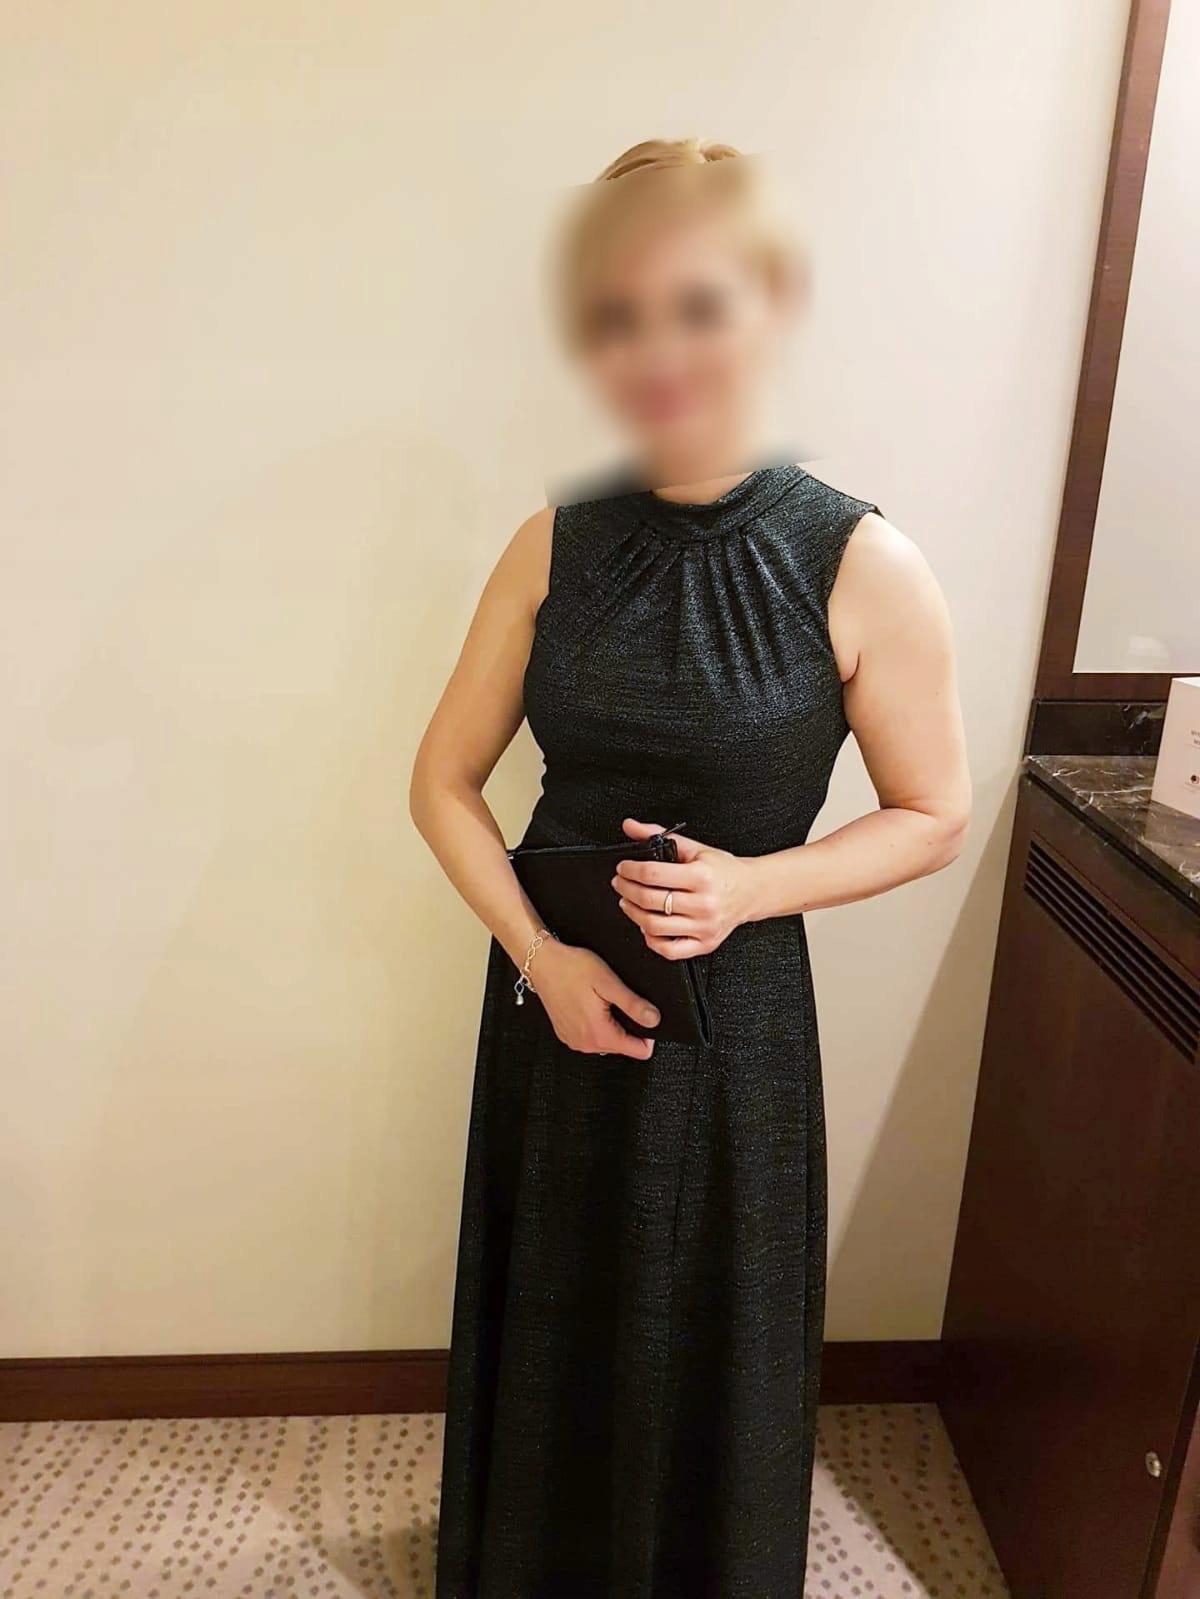 063cb1274c07e Suknia wieczorowa wesele sylwester studniówka - 7621151351 ...